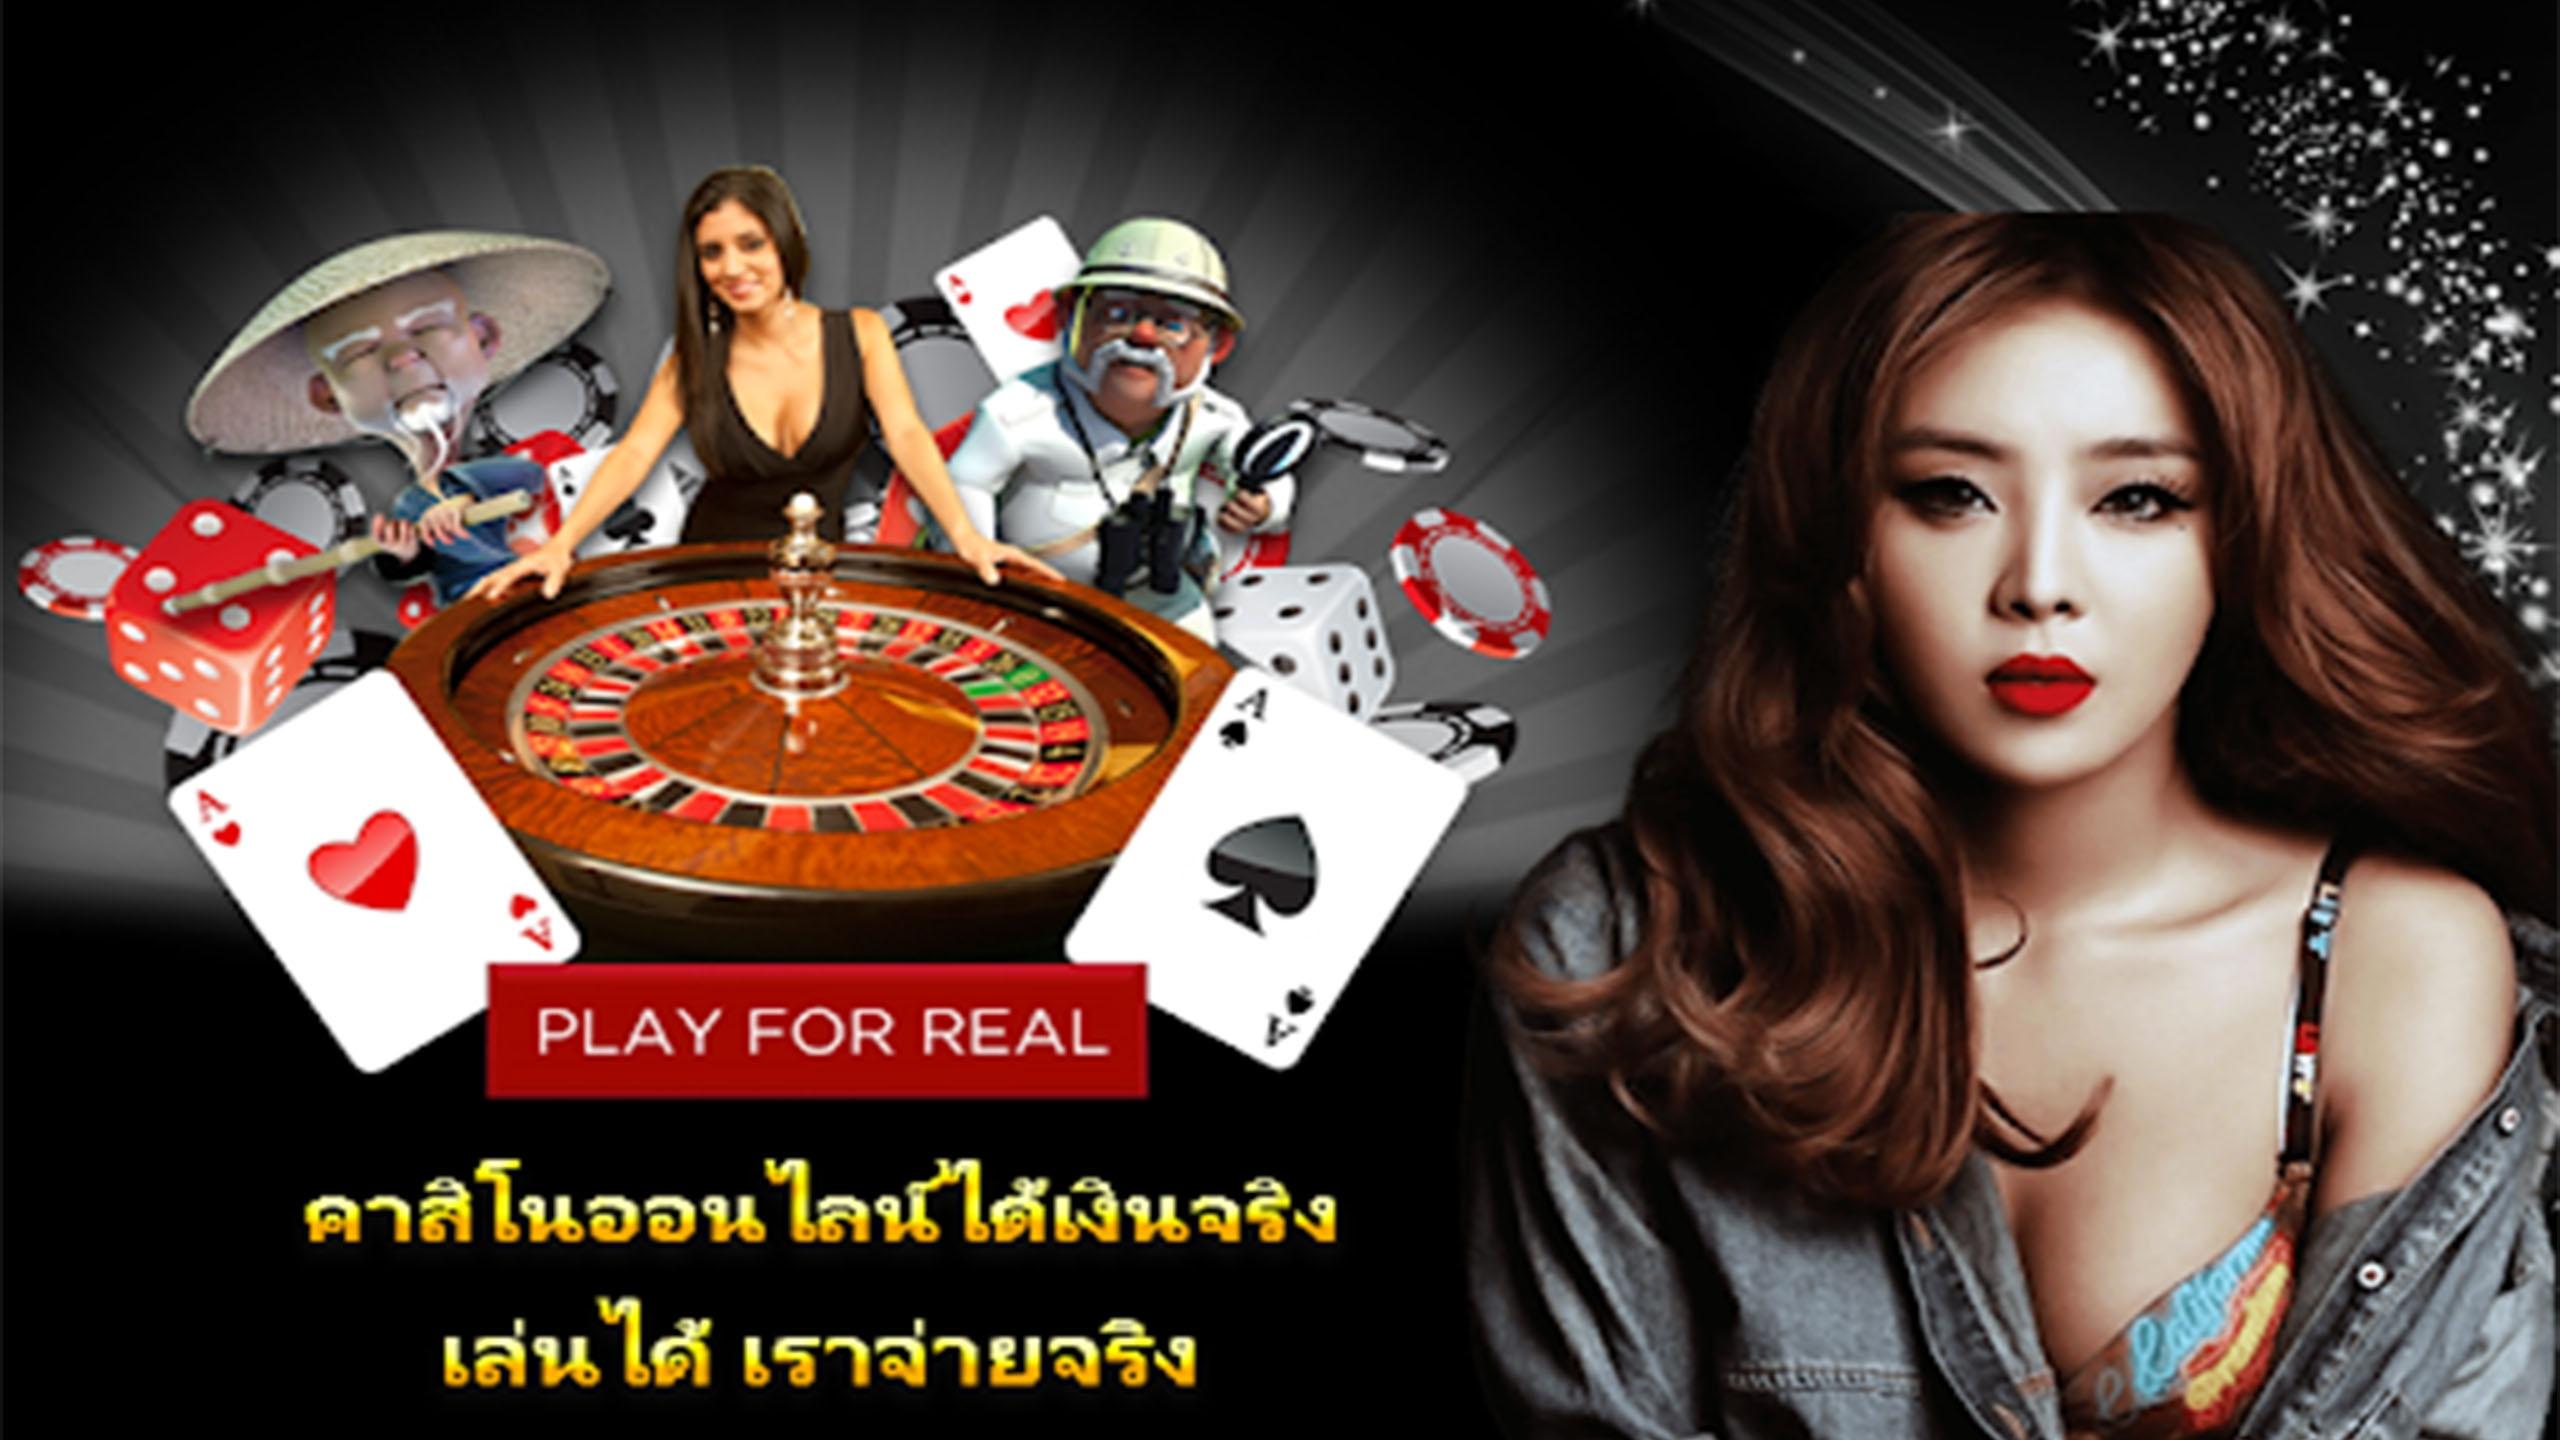 Situs Judi Casino Online Terpercaya di Indonesia (@casino268) Cover Image